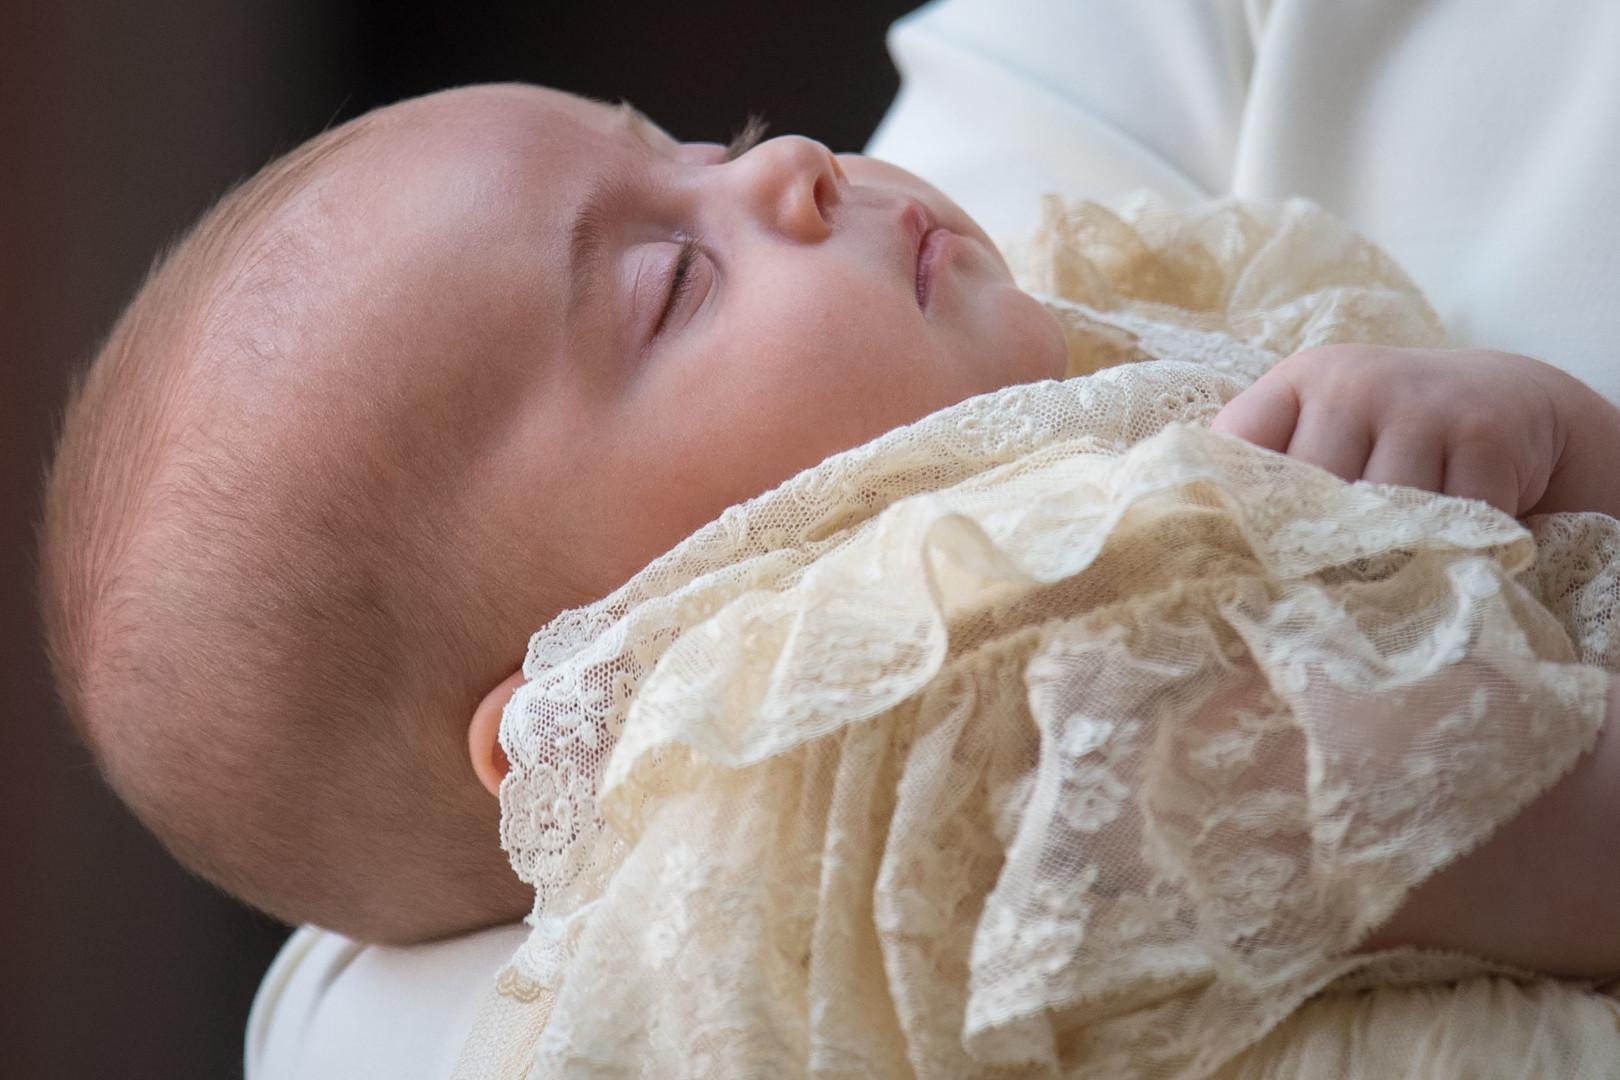 Le prince Louis, fils de Kate Middleton et du prince William, est né le 23 avril 2018